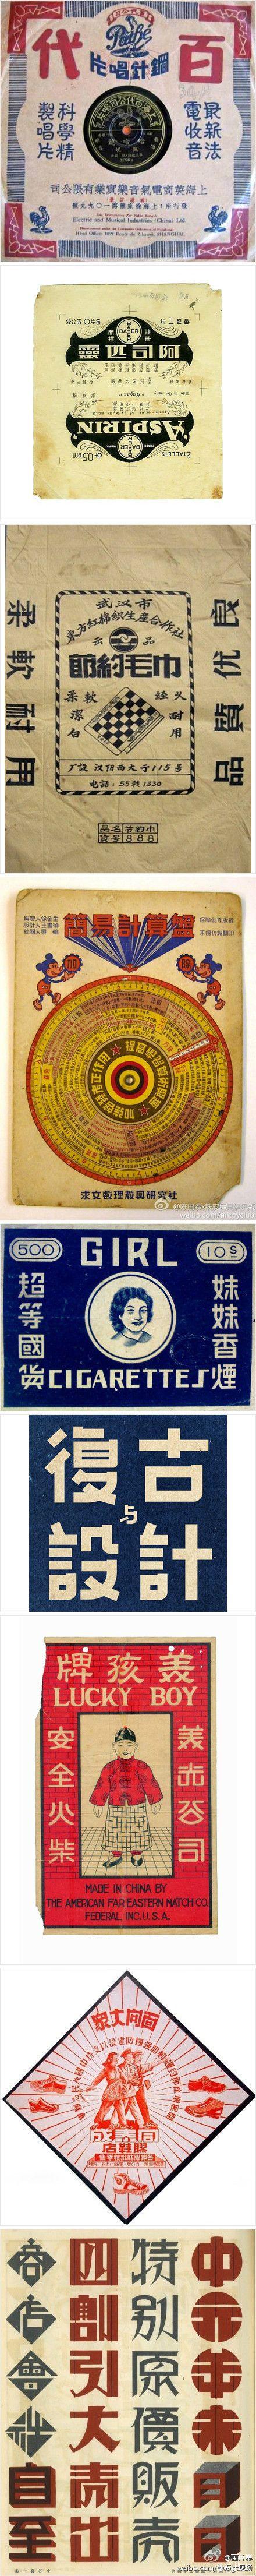 老字体 old chinese fonts